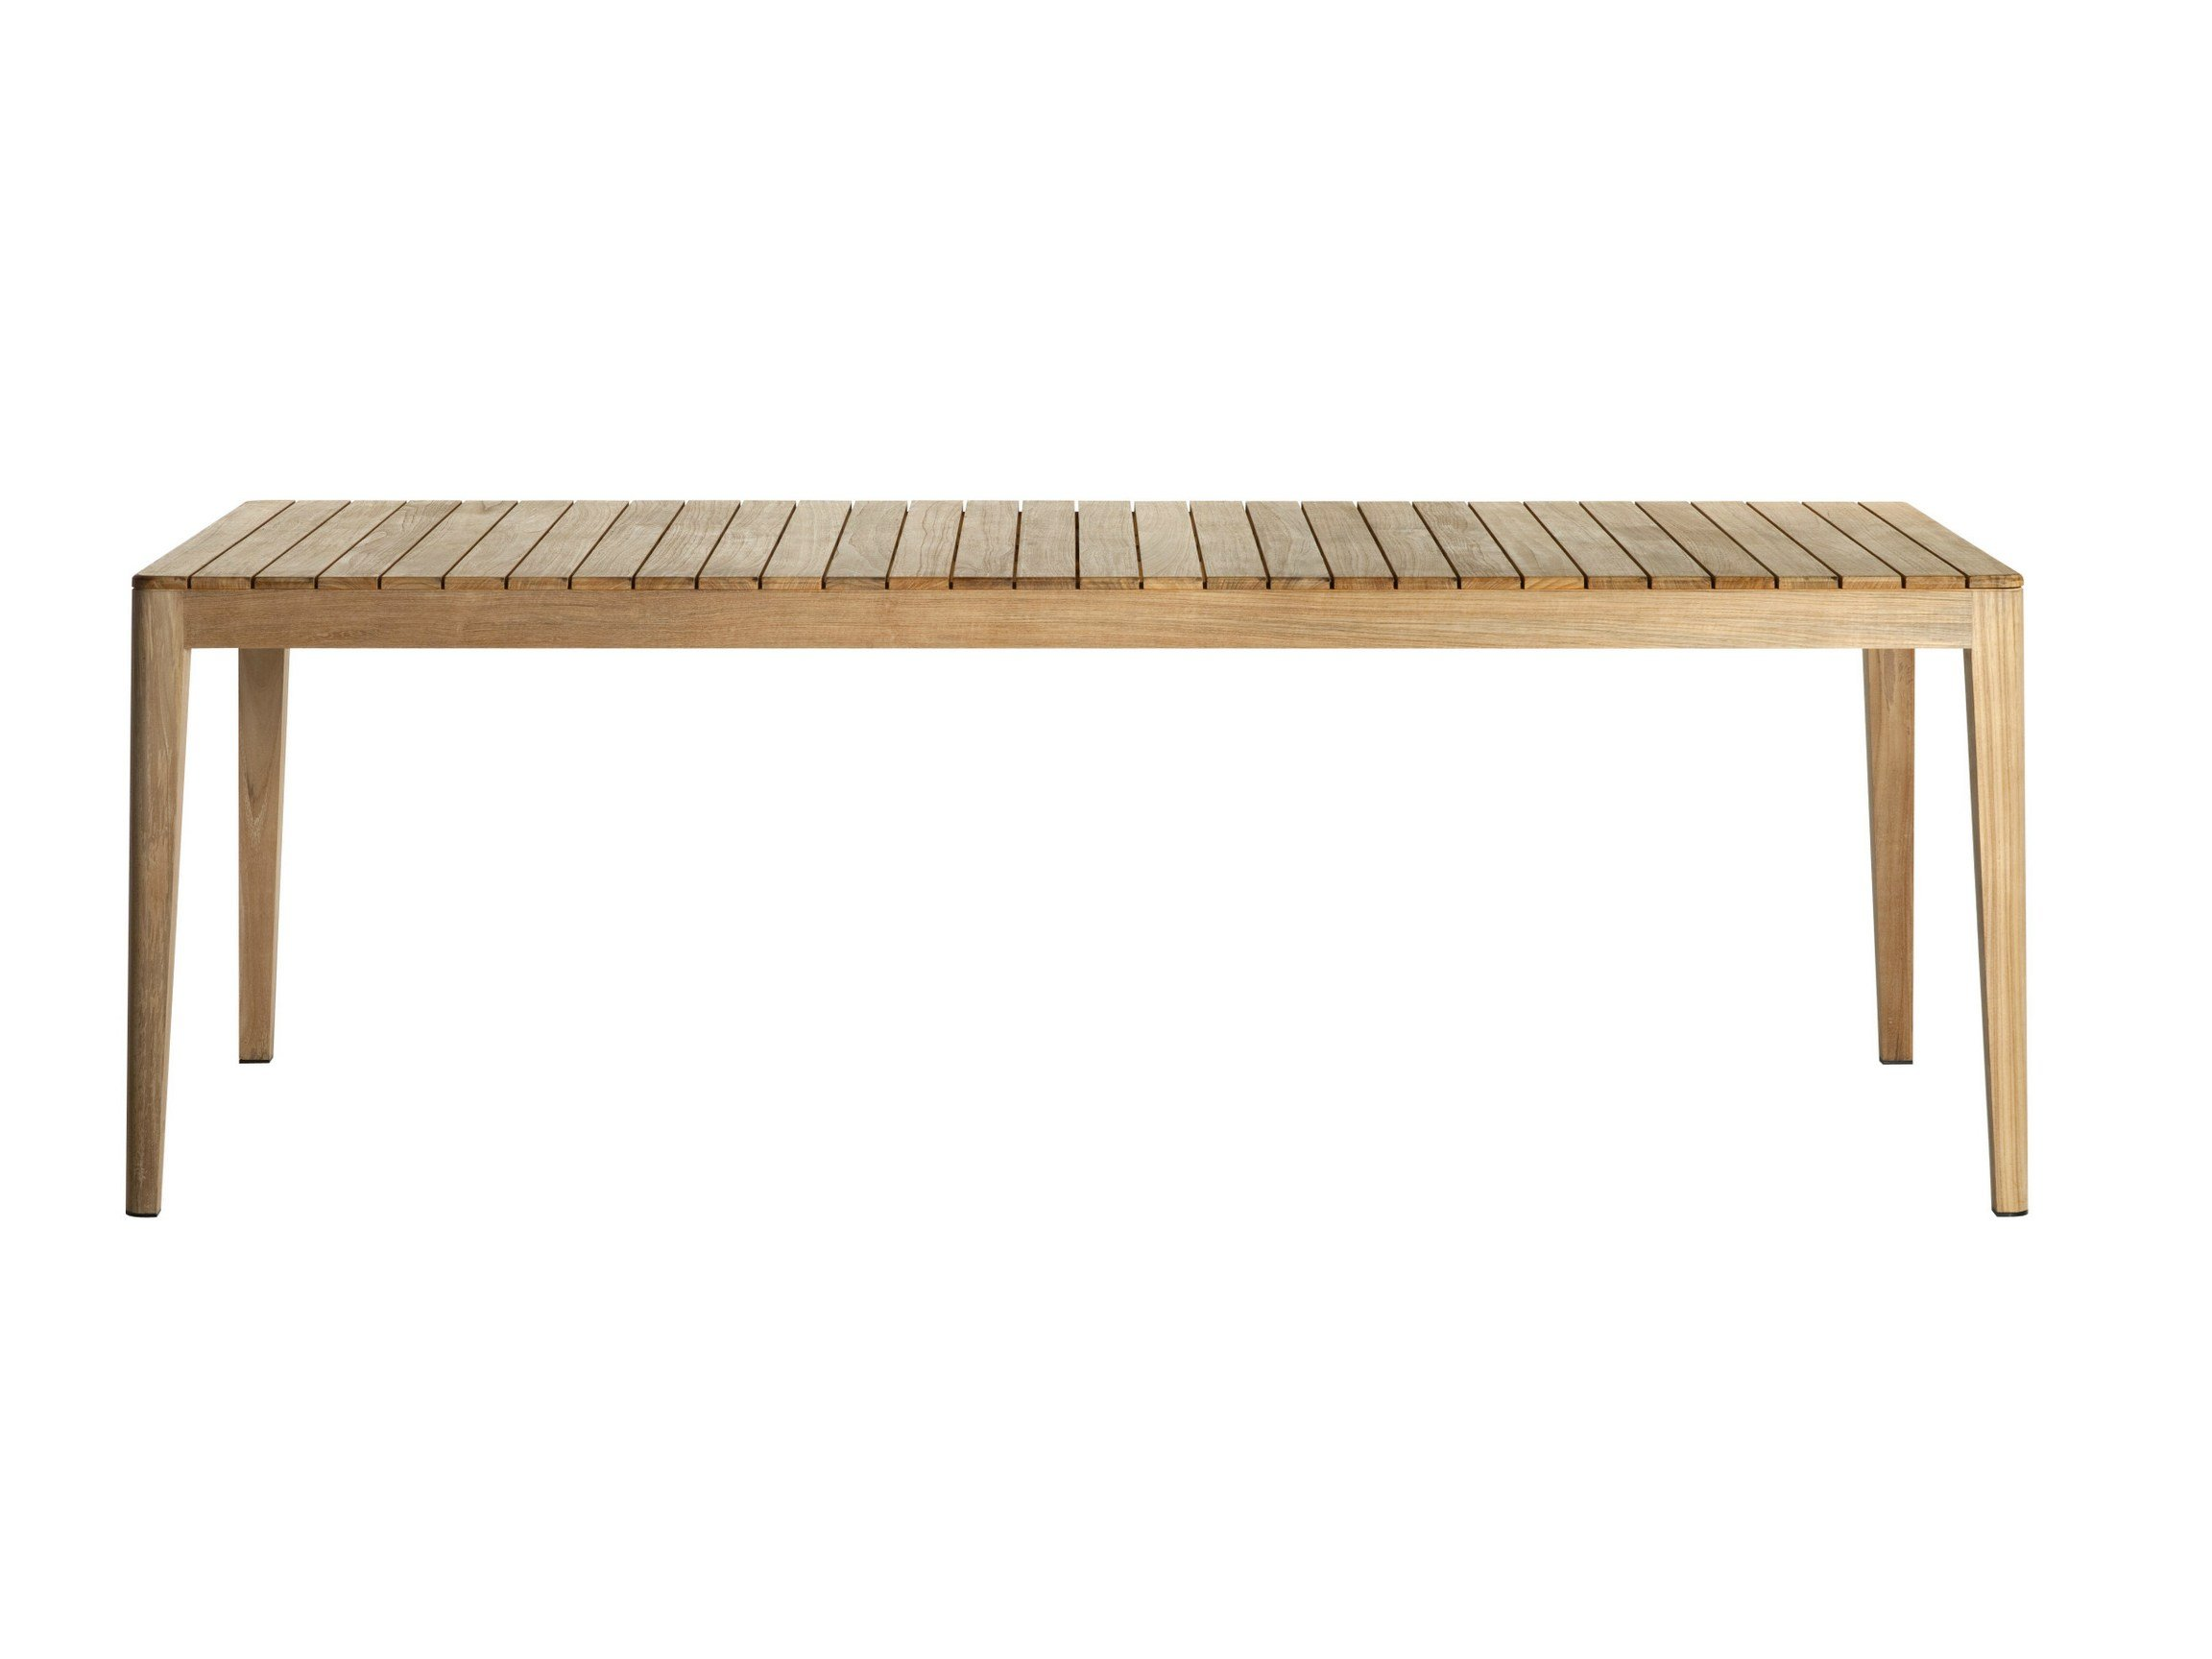 Mood tisch by trib design studio segers for Tisch eins design studio